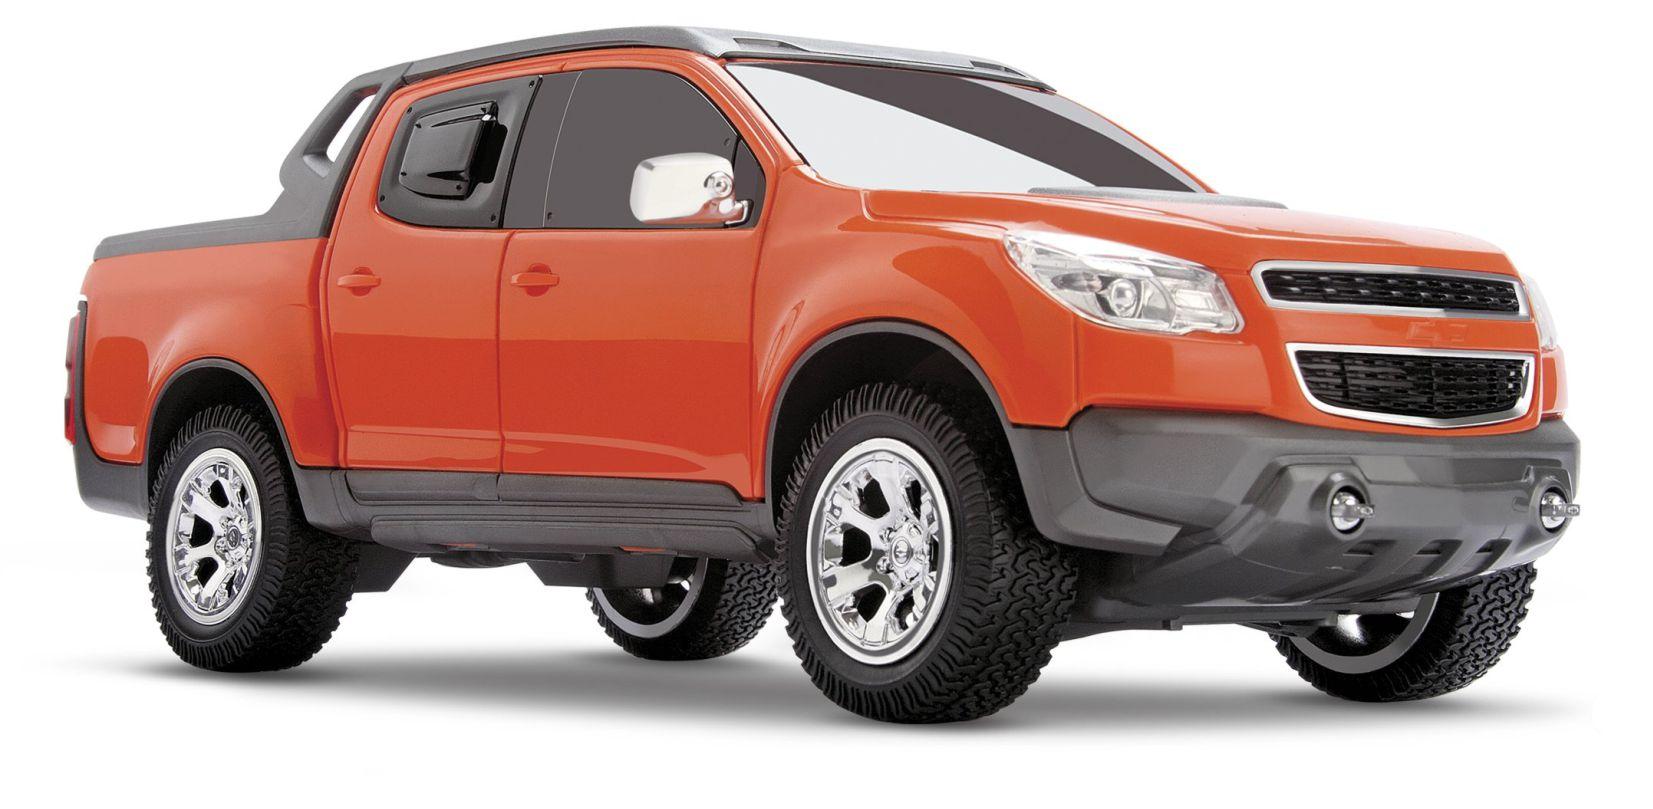 Pick-Up S-10 Rally - Roma Brinquedos